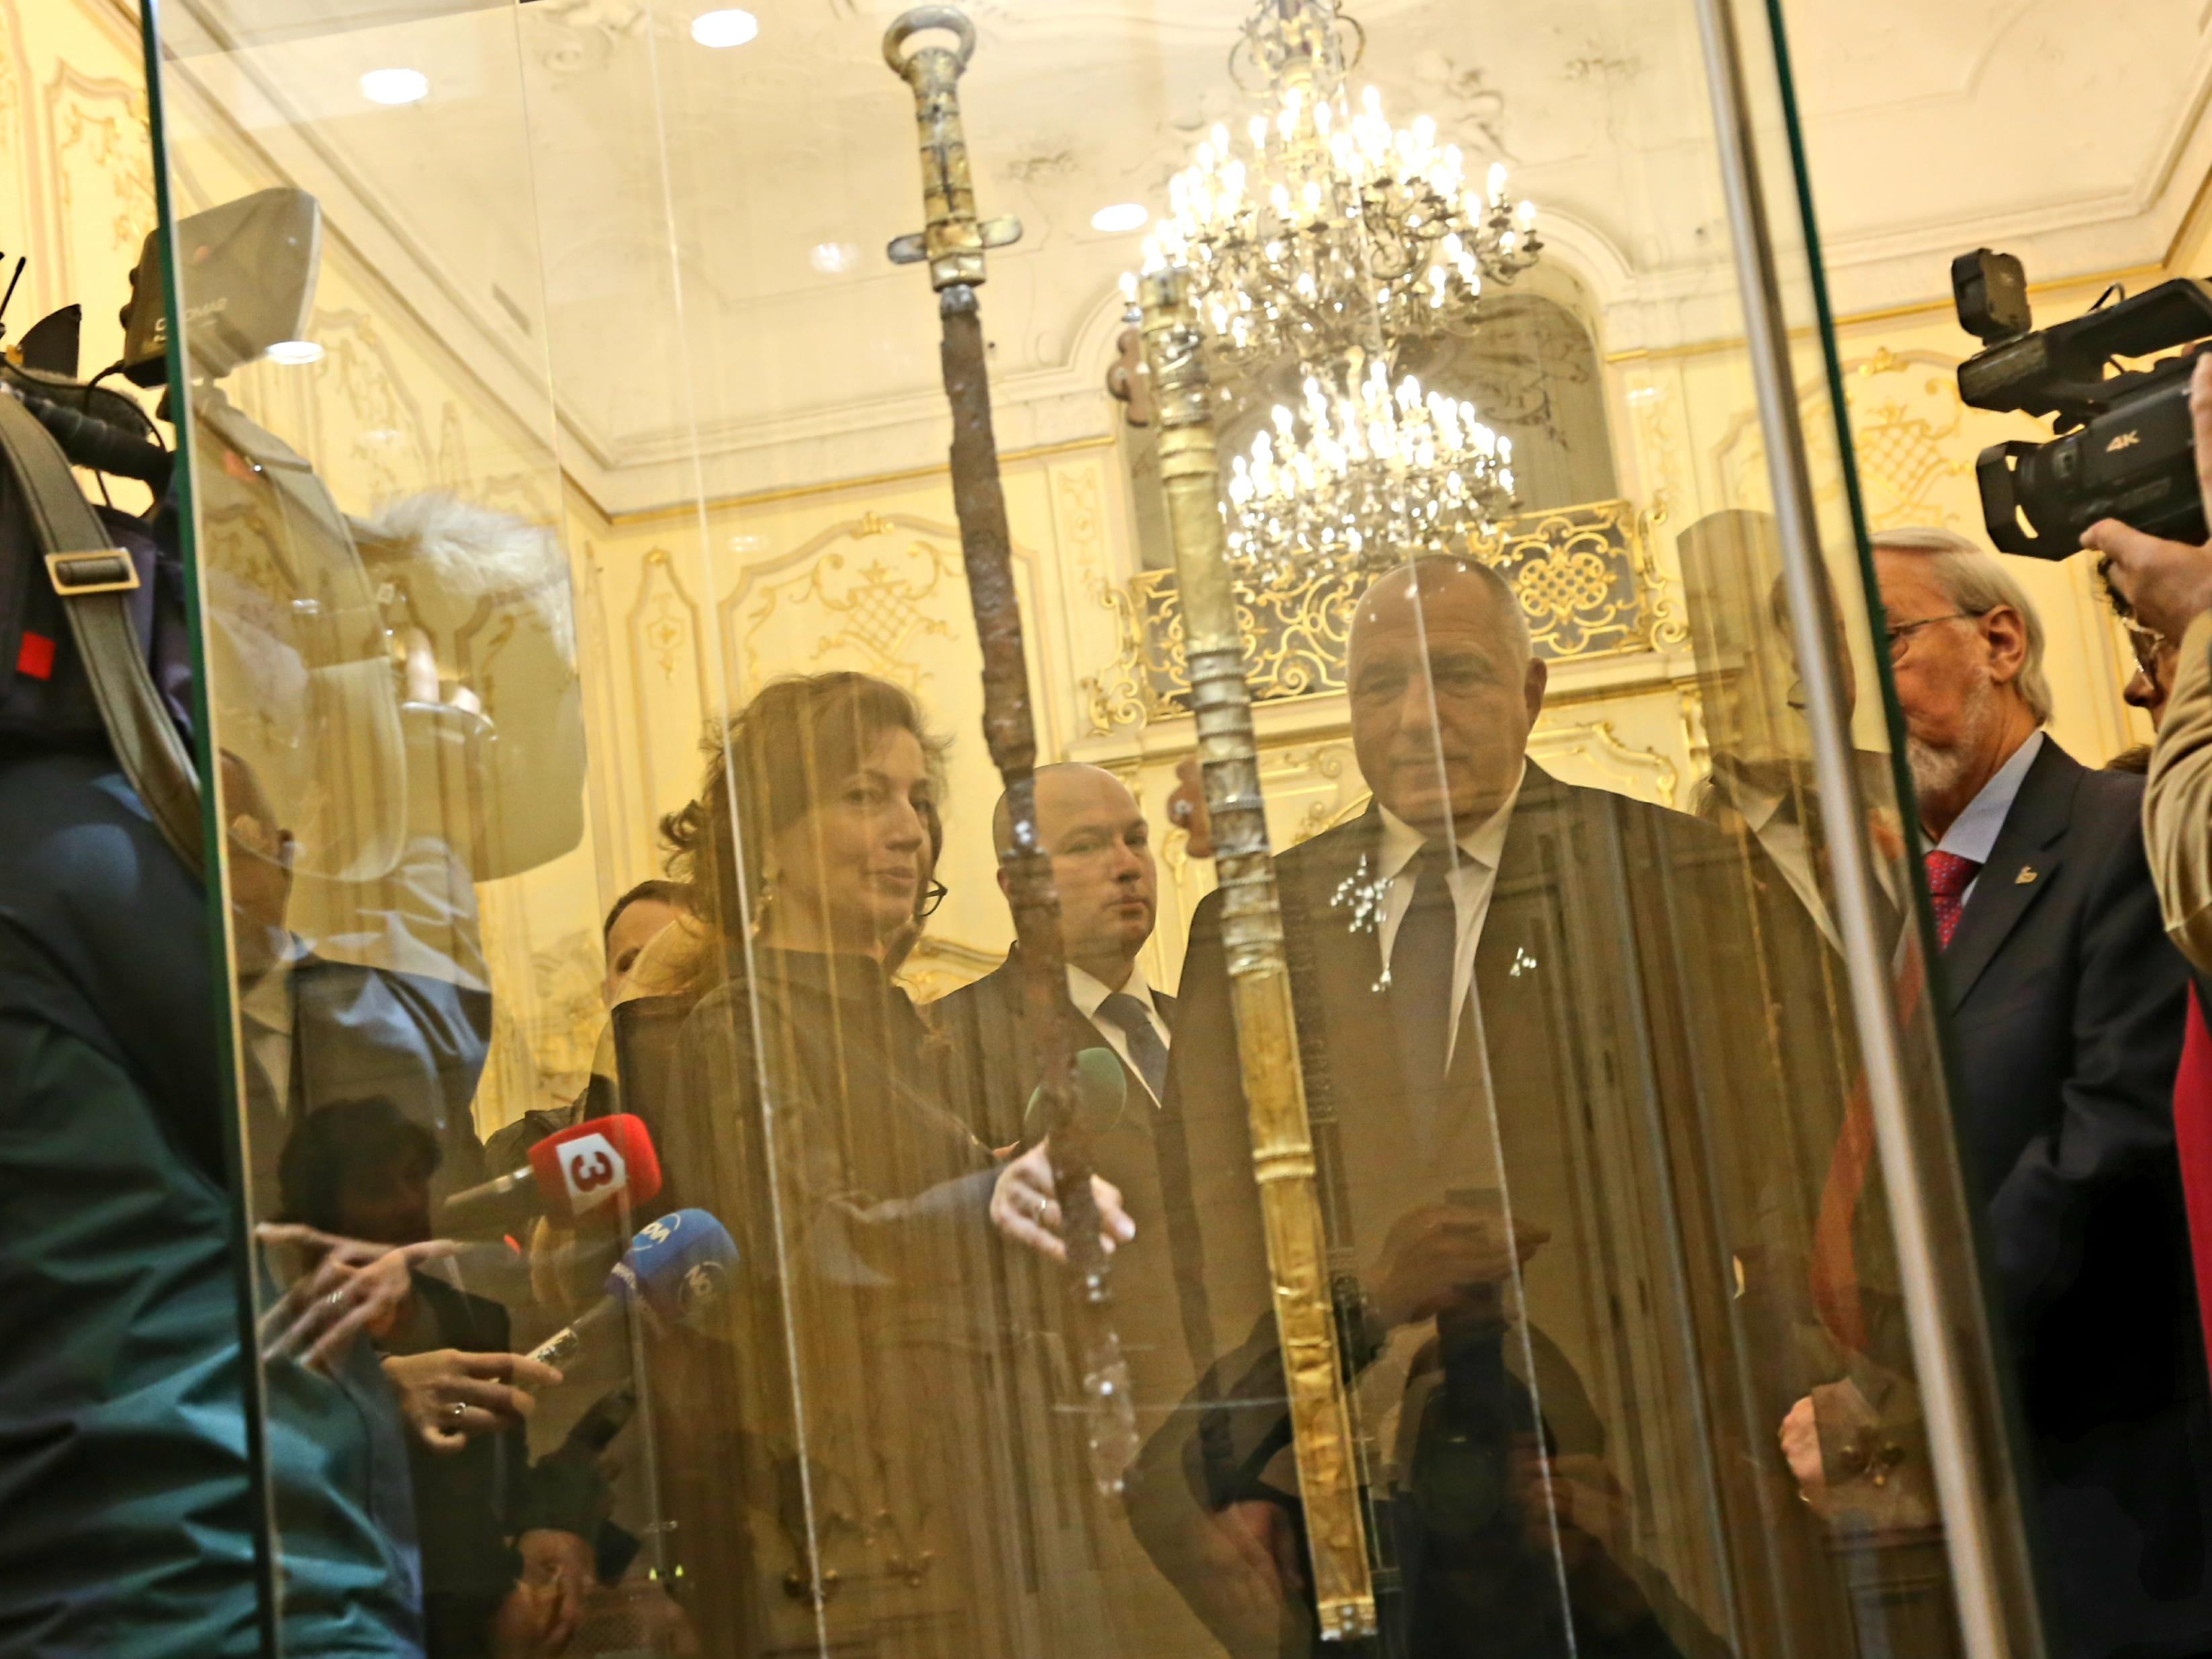 Те се съхраняват в Ермитажа в Санкт Петербург, но временно ще бъдат експонирани в Националната художествена галерия от 16.00 ч. в петък и може да се разглеждат до 30 юни